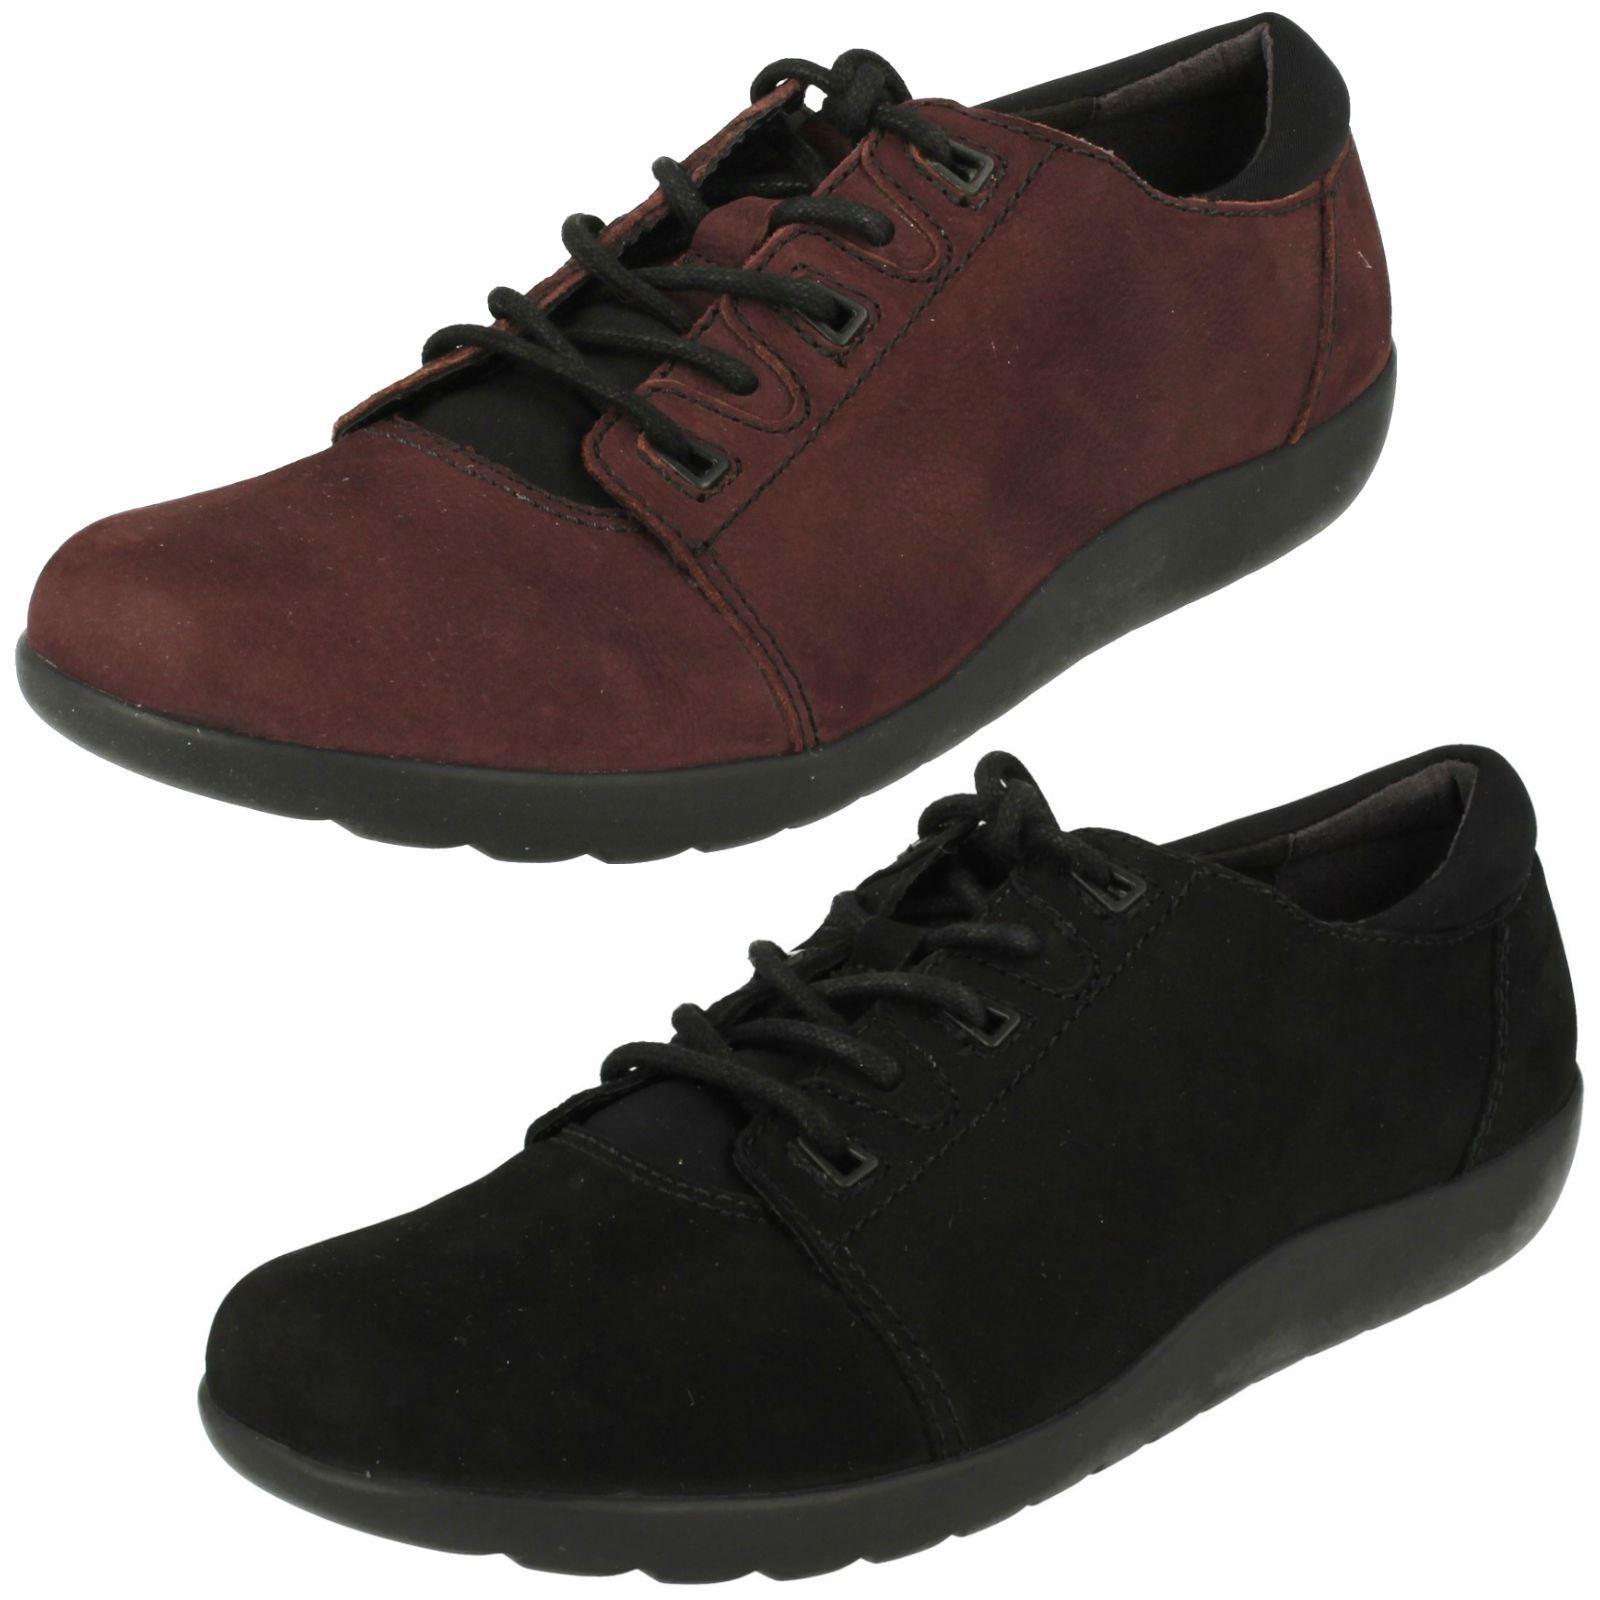 Mujer Clarks newbuck Con  zapatos  Casuales Con newbuck Cordones (2 colores) Estilo MEDORA c3b372